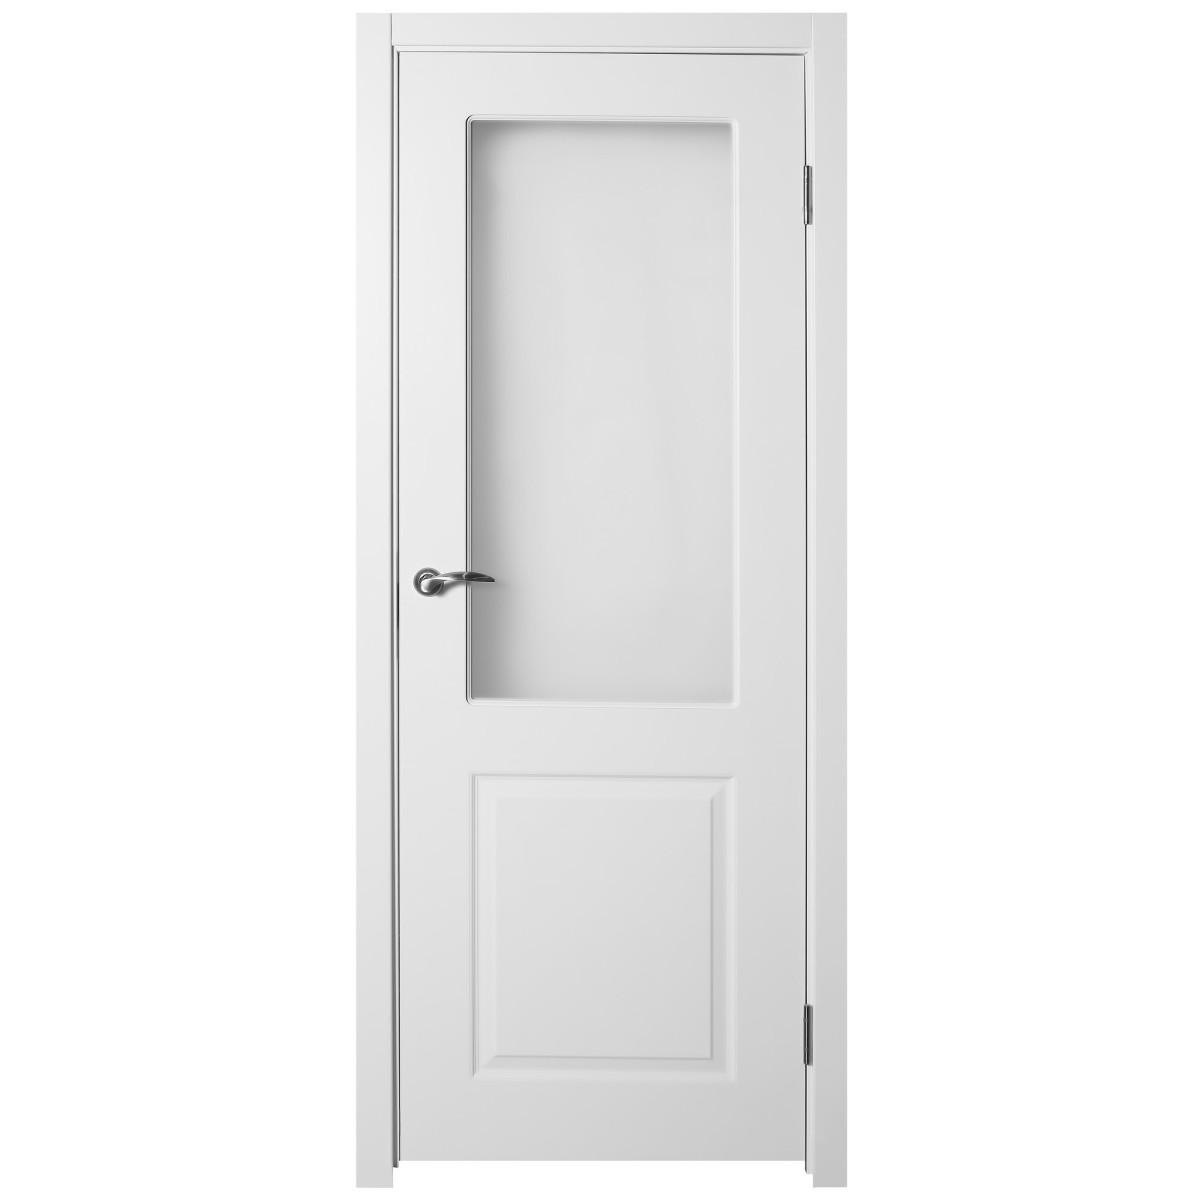 Дверь межкомнатная остеклённая Австралия 80x200 см цвет белый